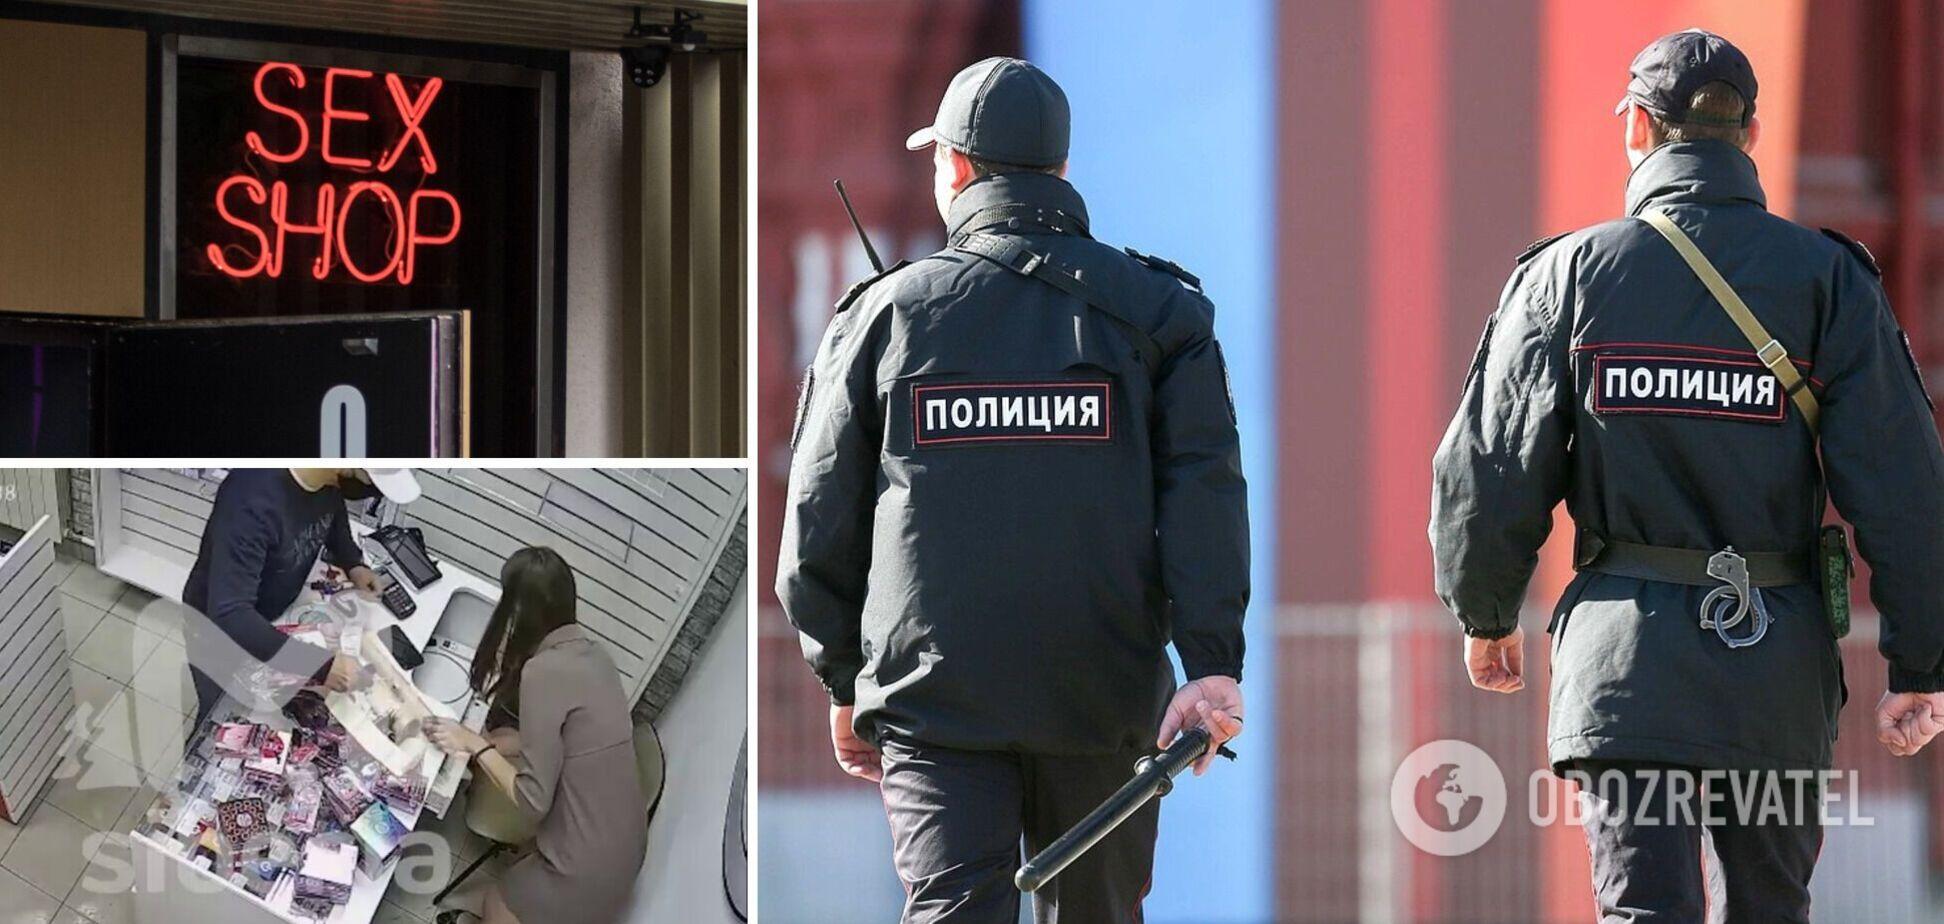 В России продавщица магазина интимных товаров отбилась от грабителя